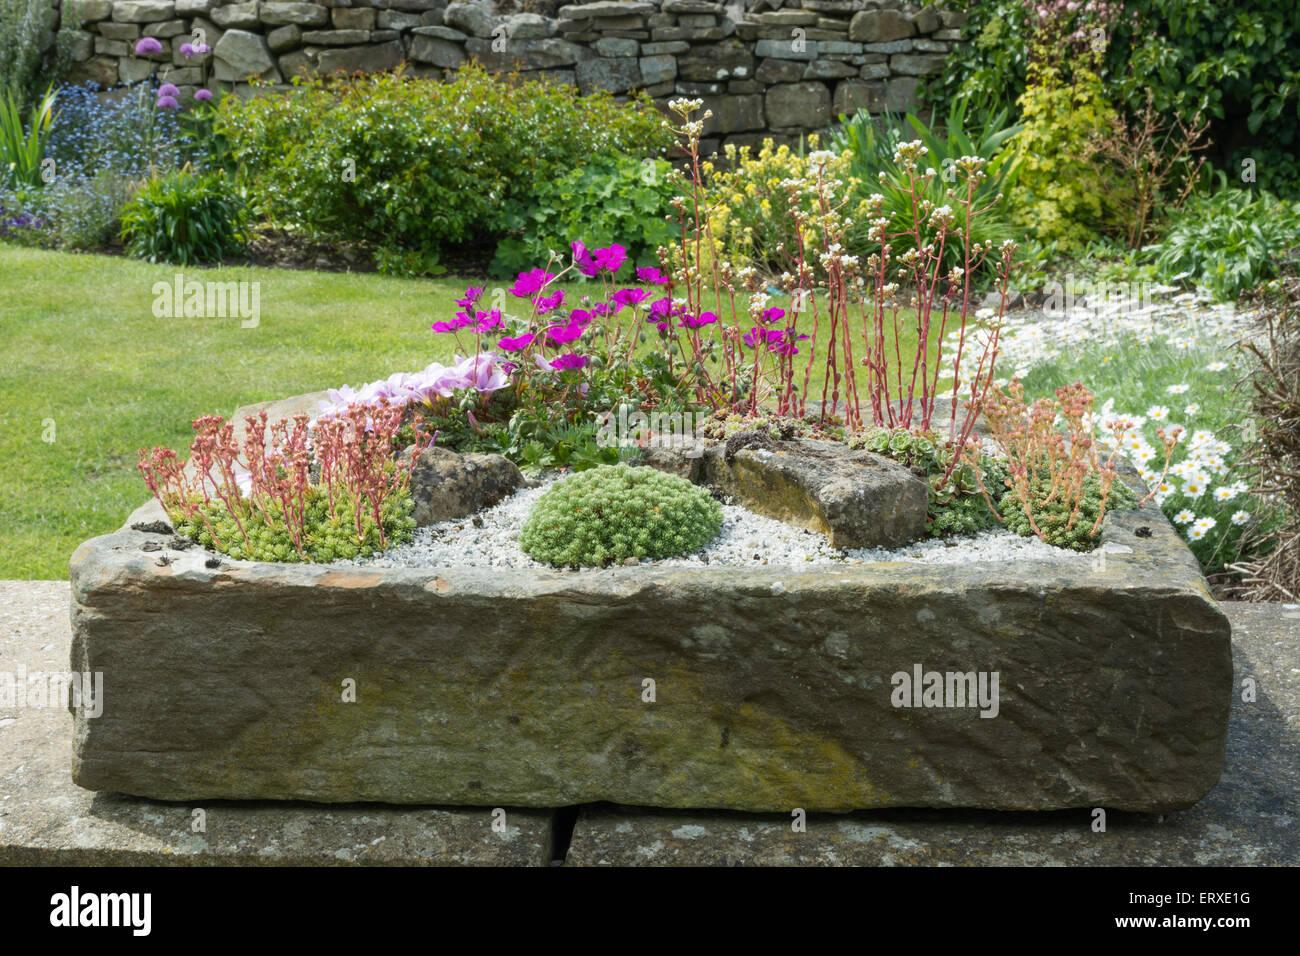 Alpines Gepflanzt In Einem Stein Garten Waschbecken Stockfoto Bild